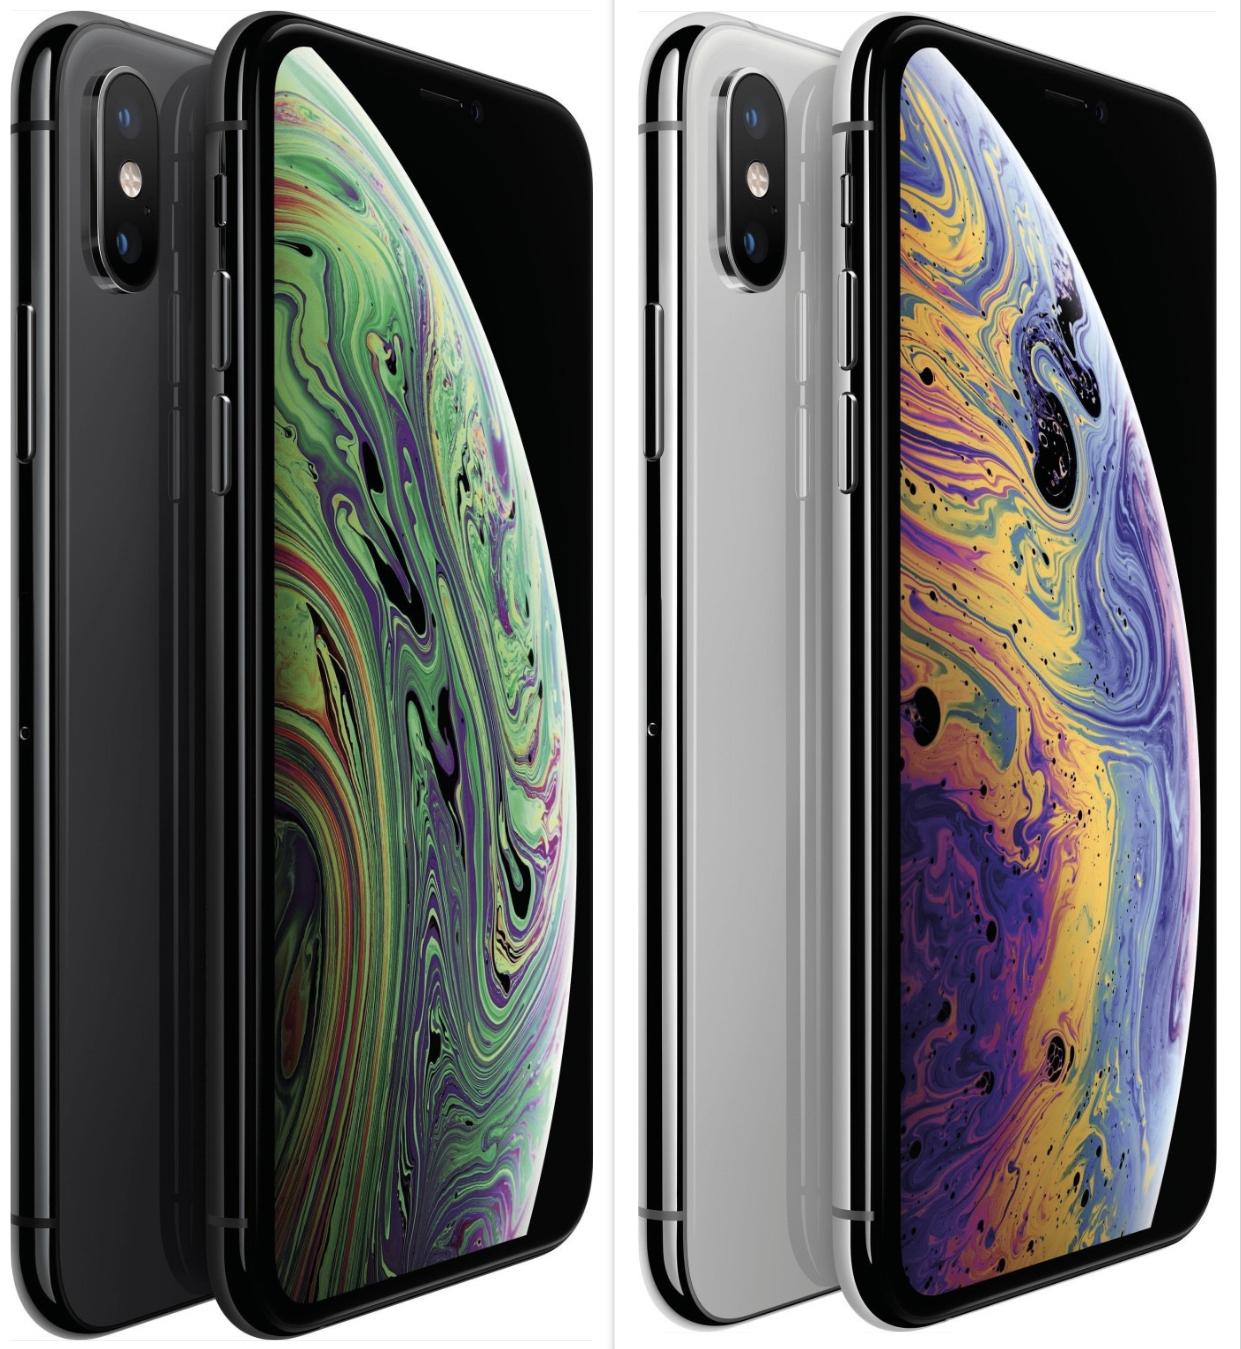 iphone 6 silber neu ohne vertrag media markt